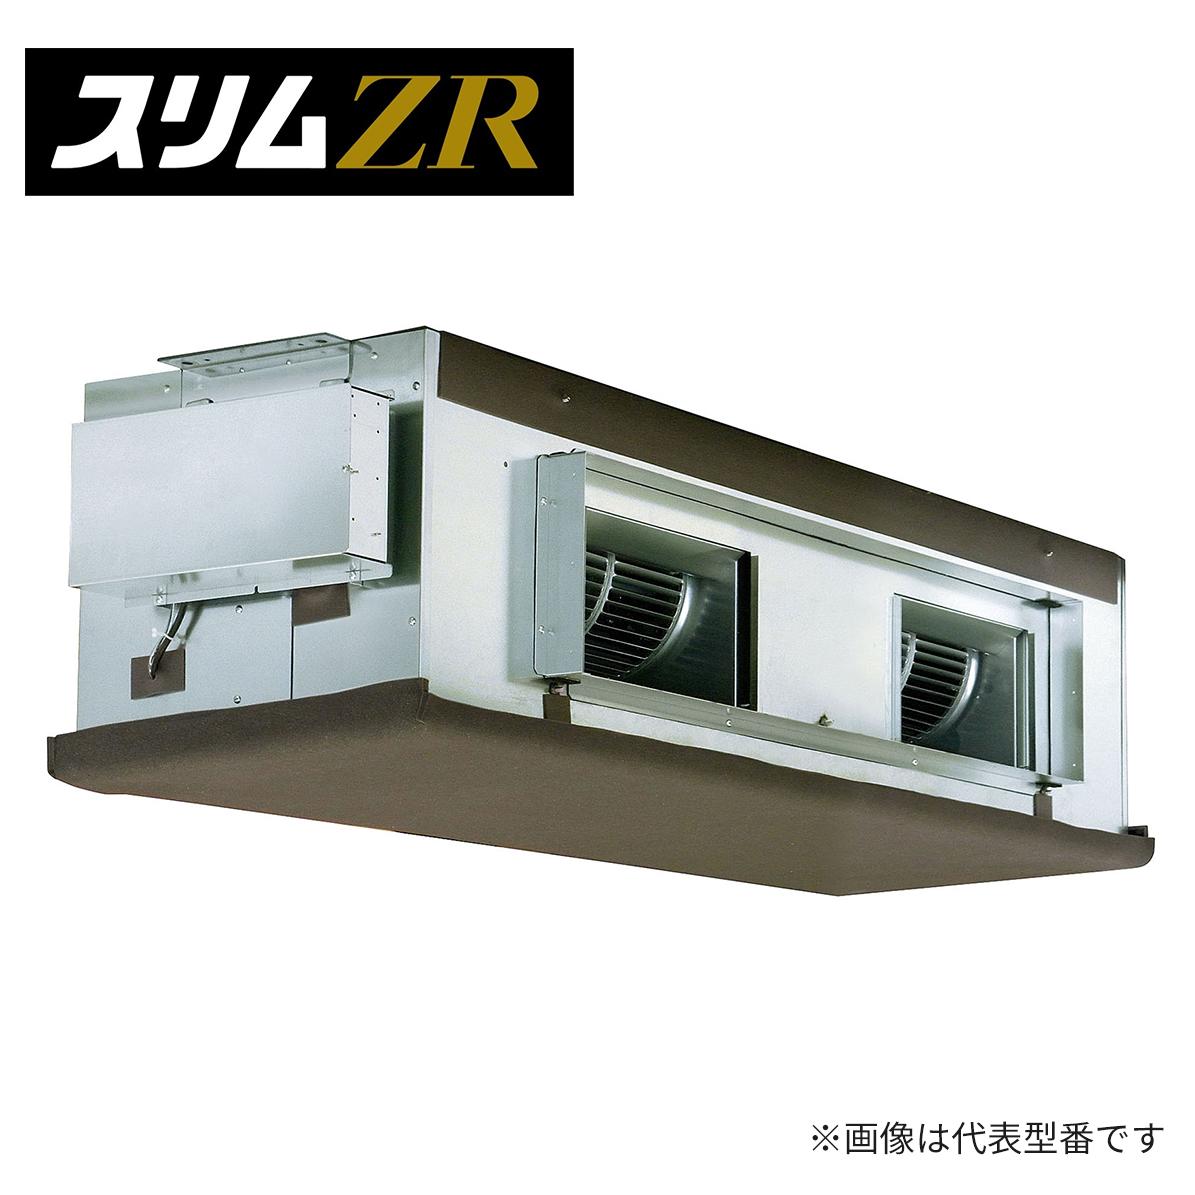 ###三菱 業務用エアコン【PEZ-ZRP224BR】スリムZR 天井埋込形 標準シングル 三相200V 8馬力